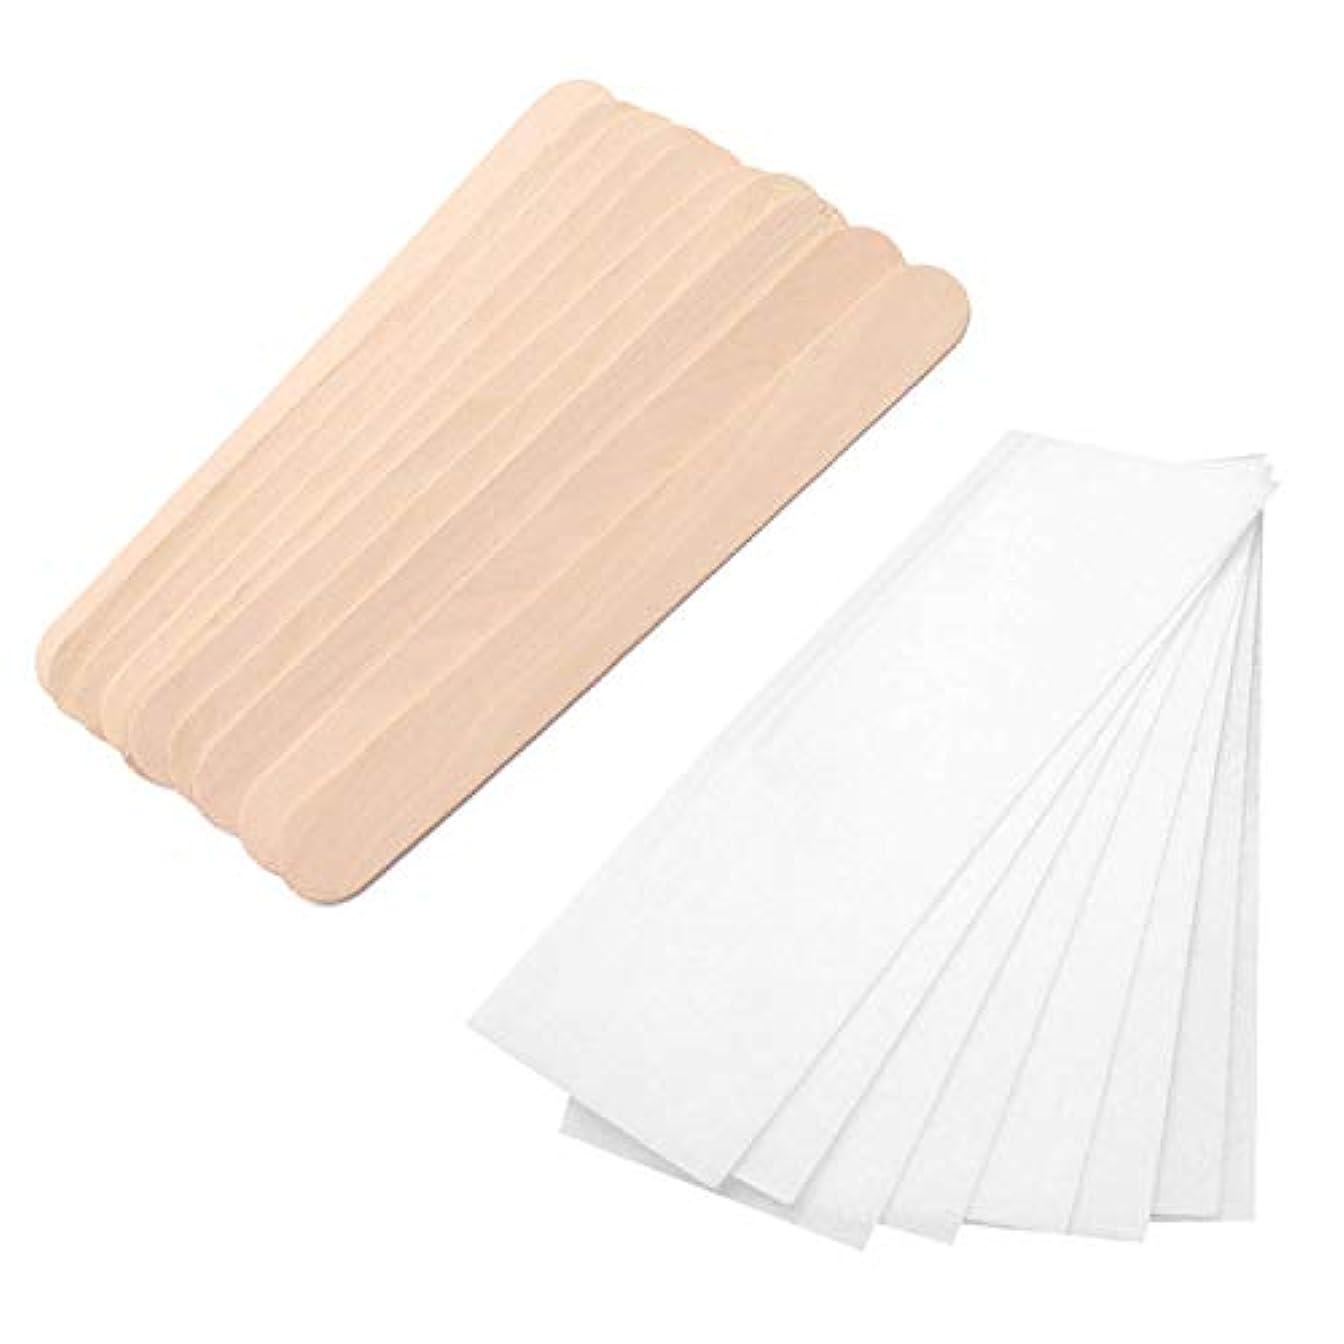 馬力上向き植物学者Migavann 100個木製ワックススティック 使い捨て木製ワックススティックへらアプリケーター 100個不織ワックスストリップ脱毛紙